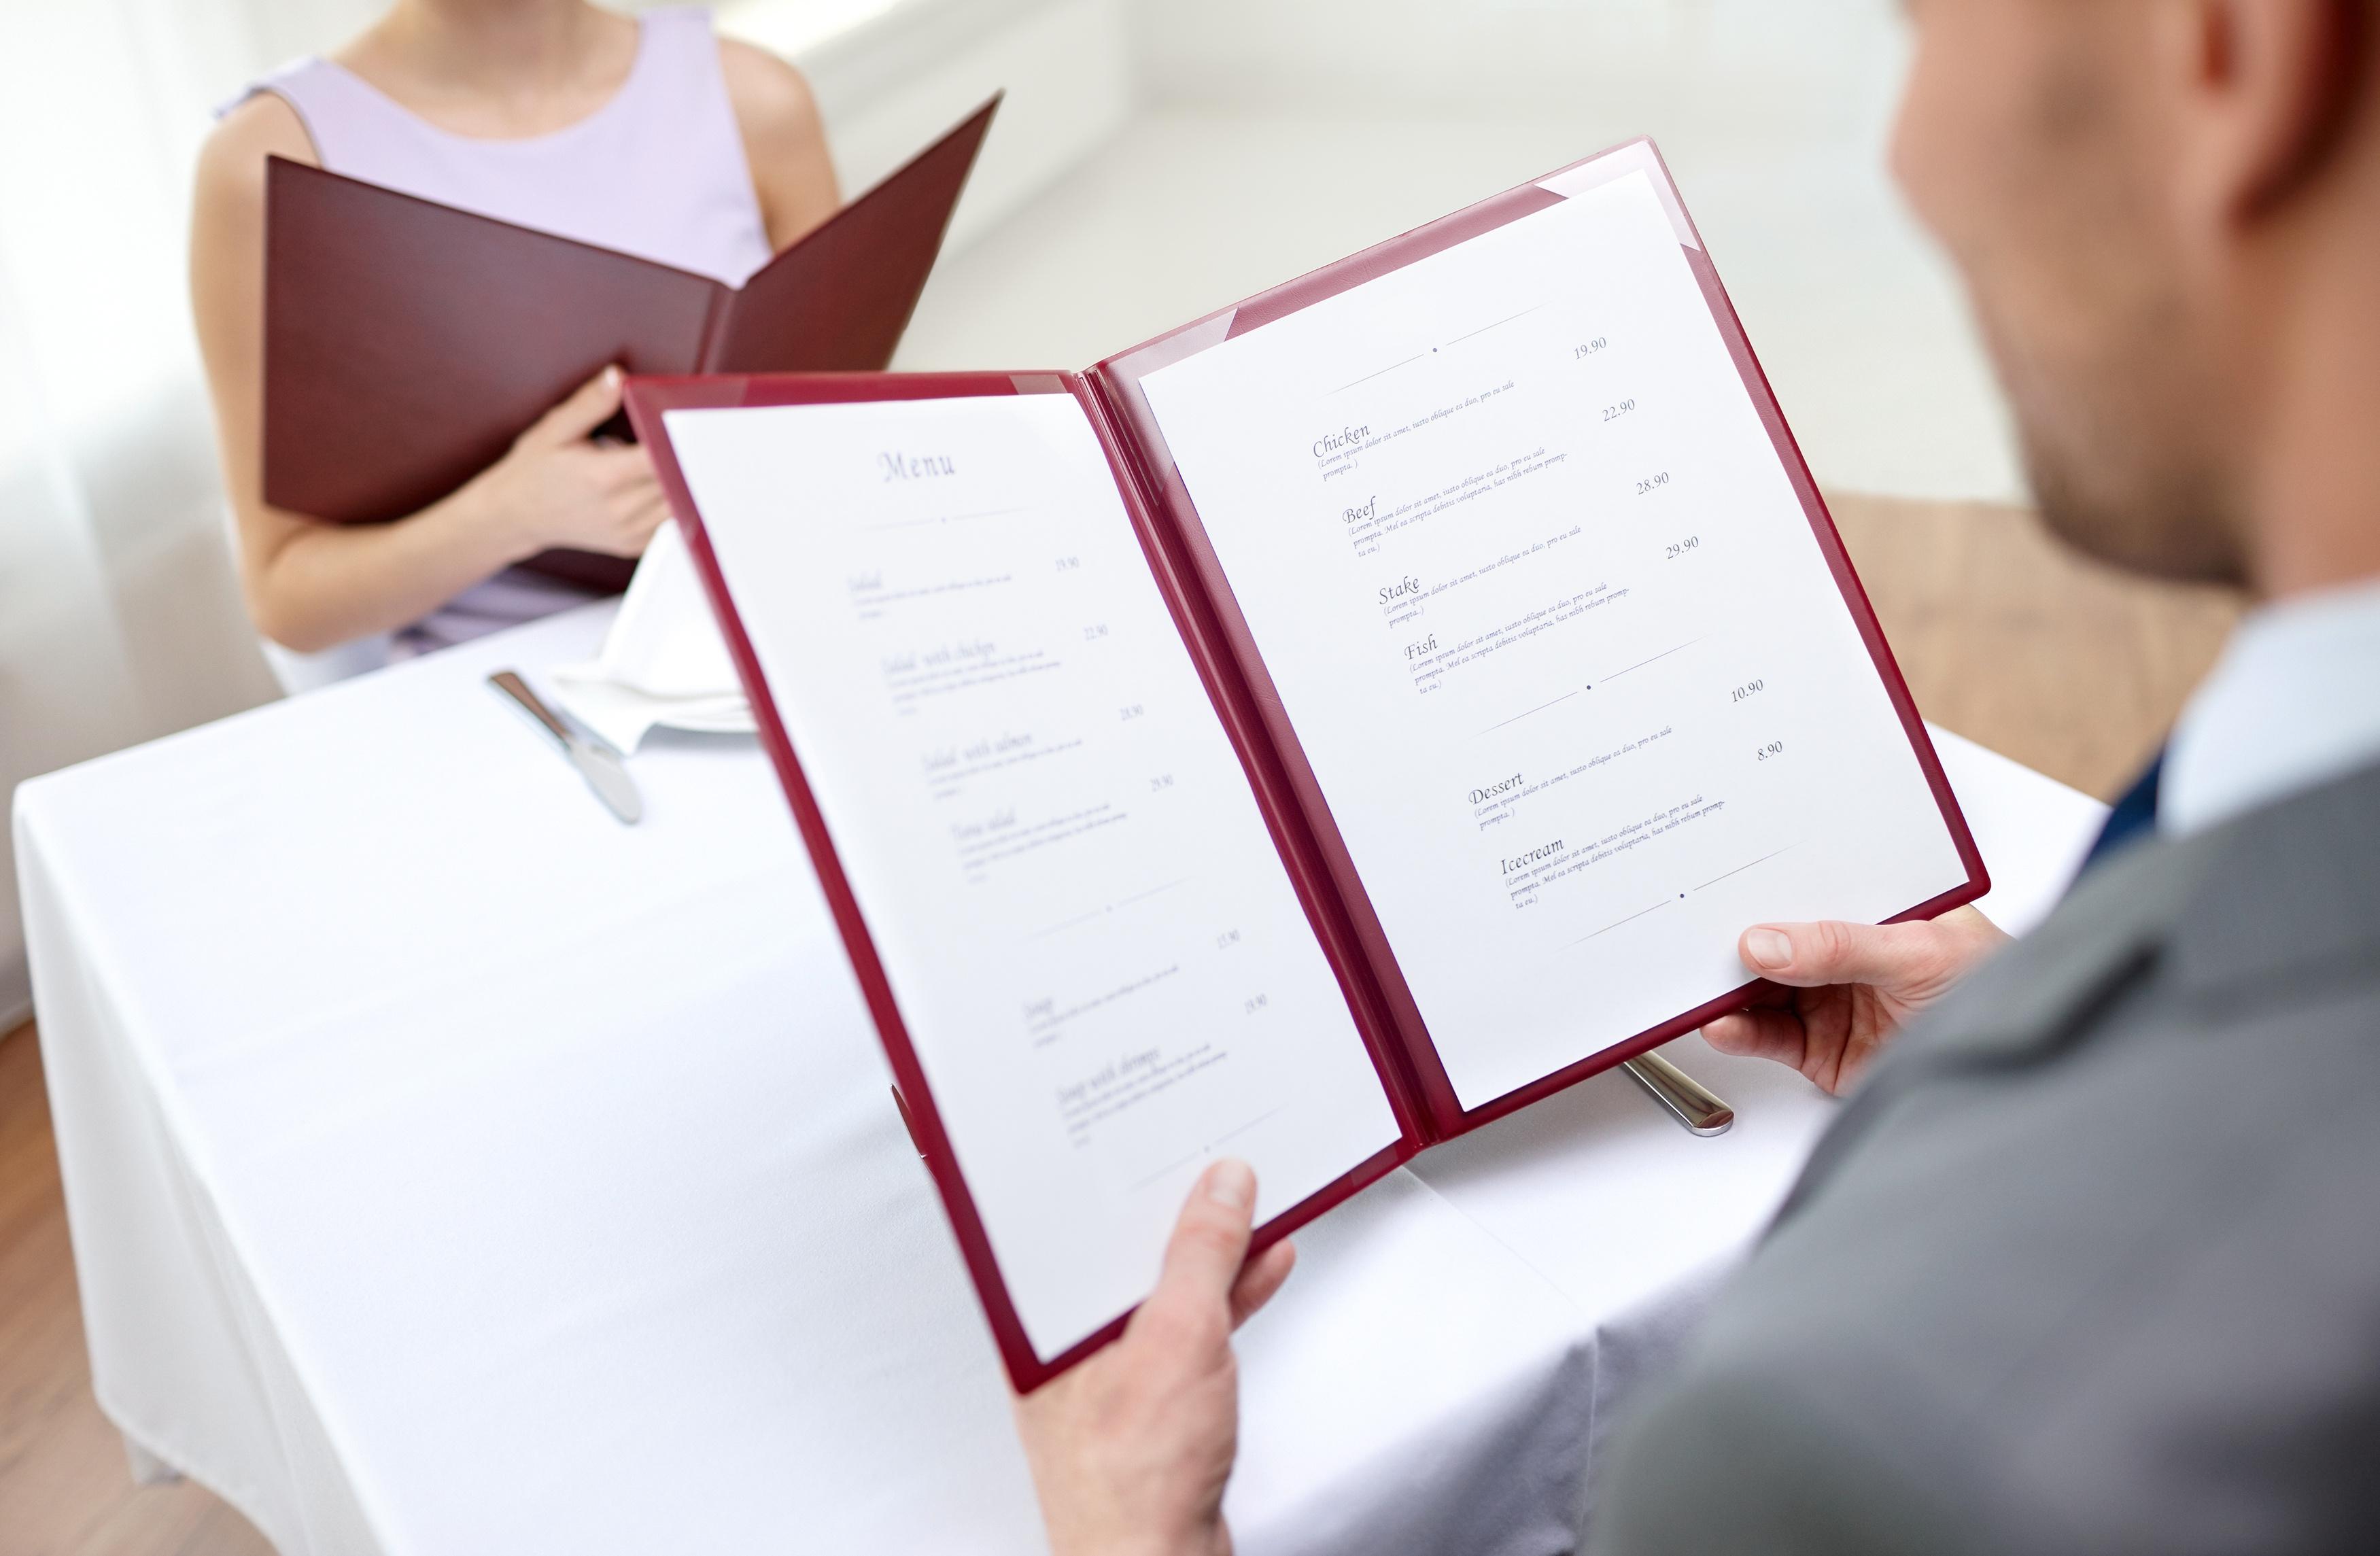 traducir menus